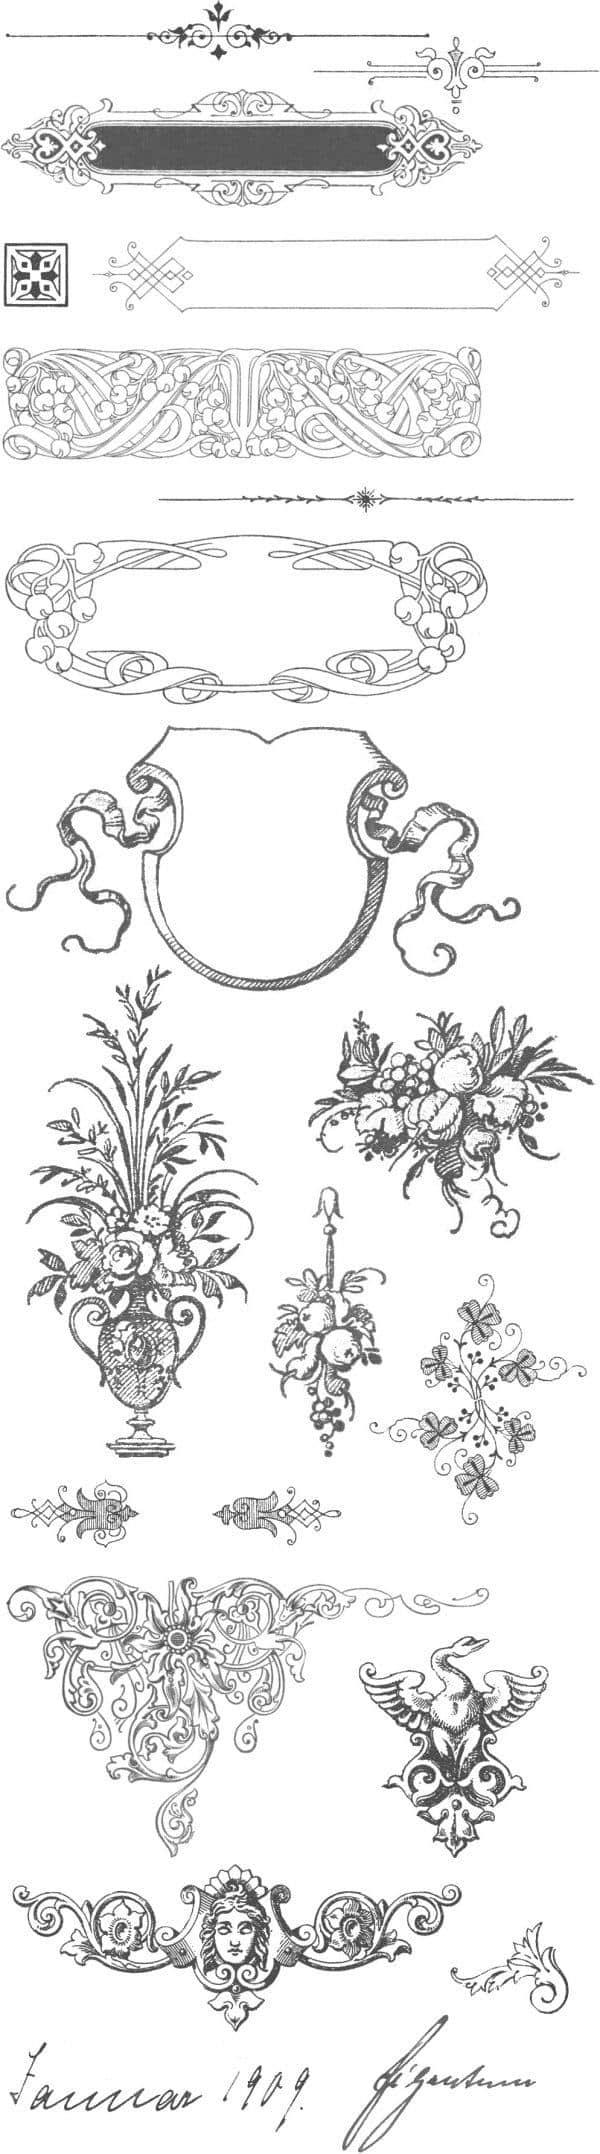 漂亮的PS古典贵族花纹笔刷